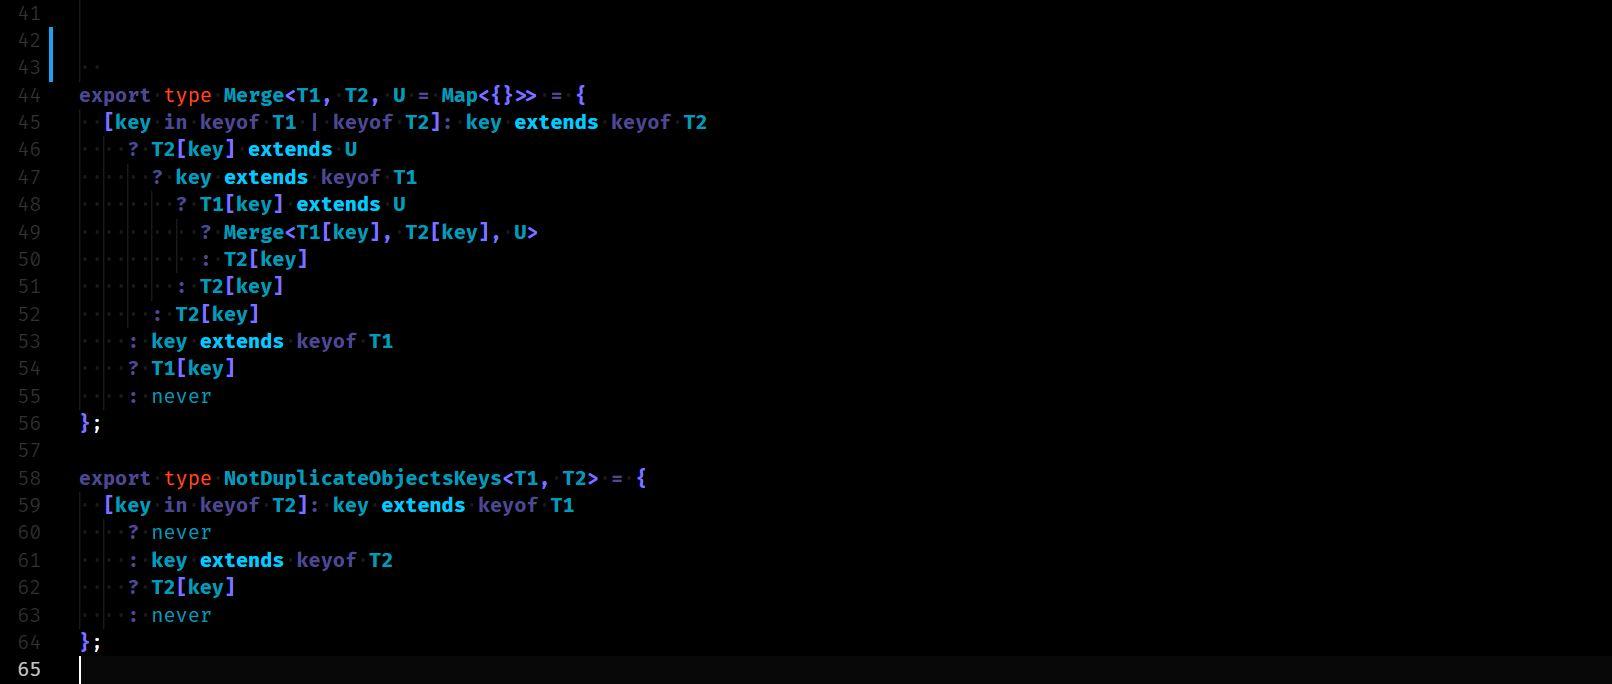 Мы написали самый полезный код в своей жизни, но его выкинули на помойку. Вместе с нами